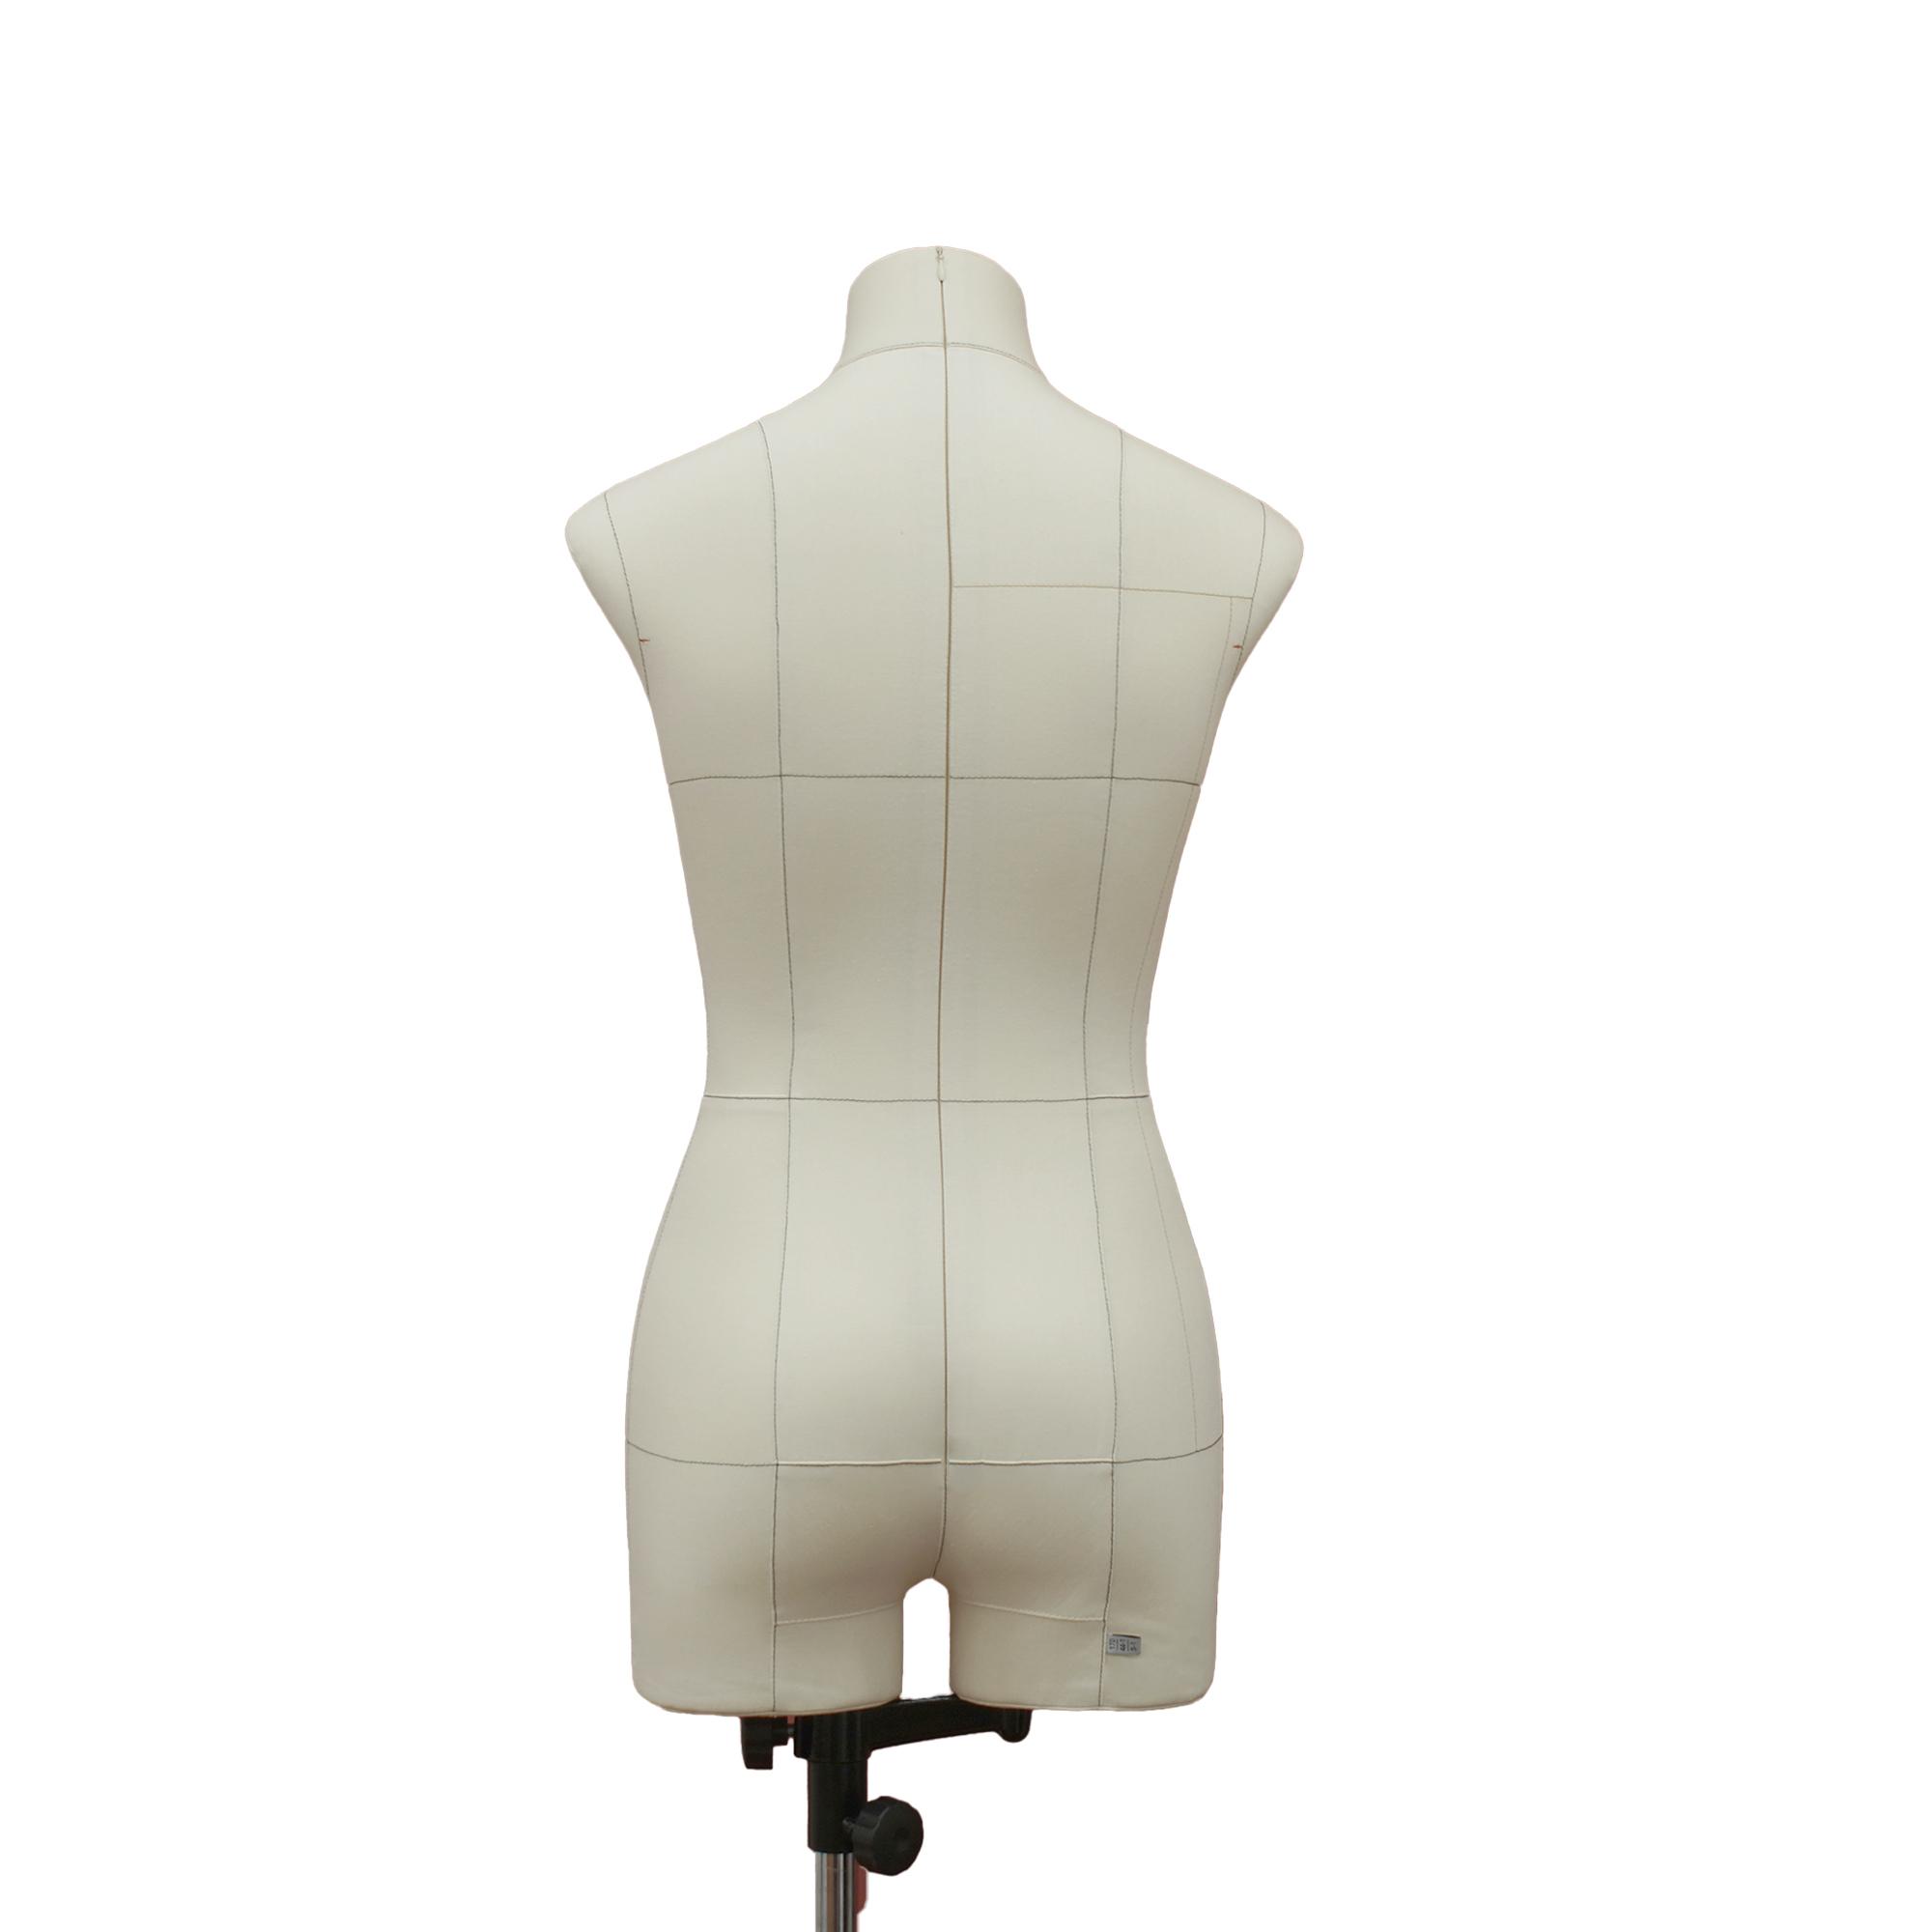 Манекен портновский Моника, комплект Про, размер 44, тип фигуры Прямоугольник, бежевыйФото 1